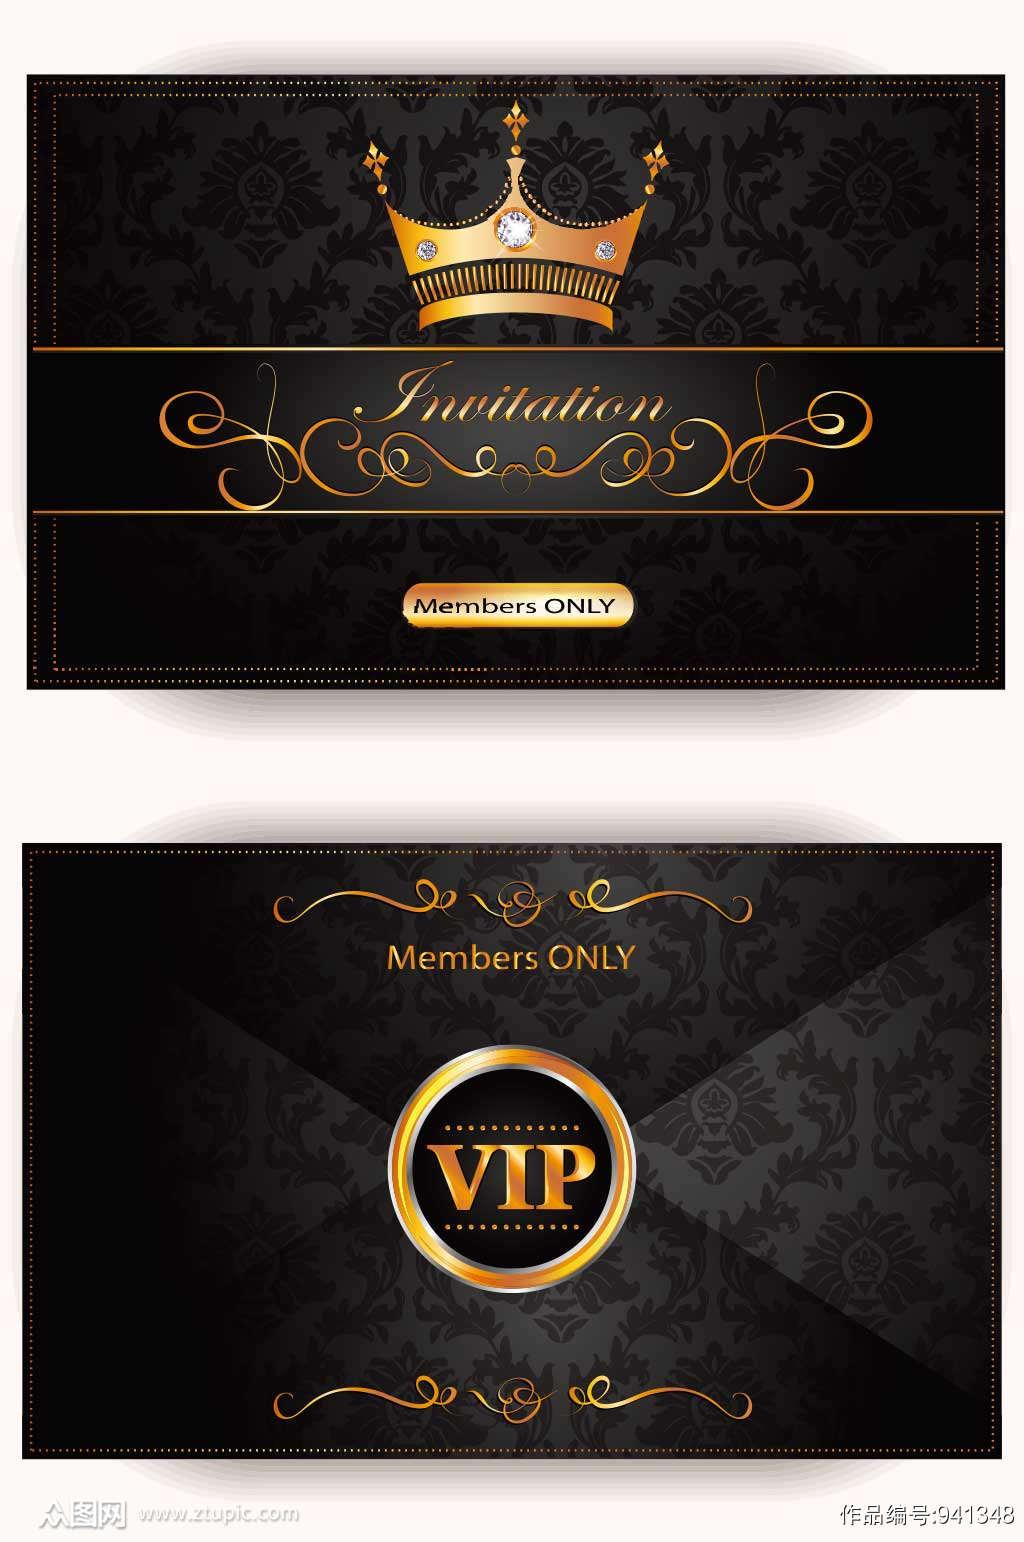 精品高端黑金DJ酒吧VIP贵宾卡模板素材